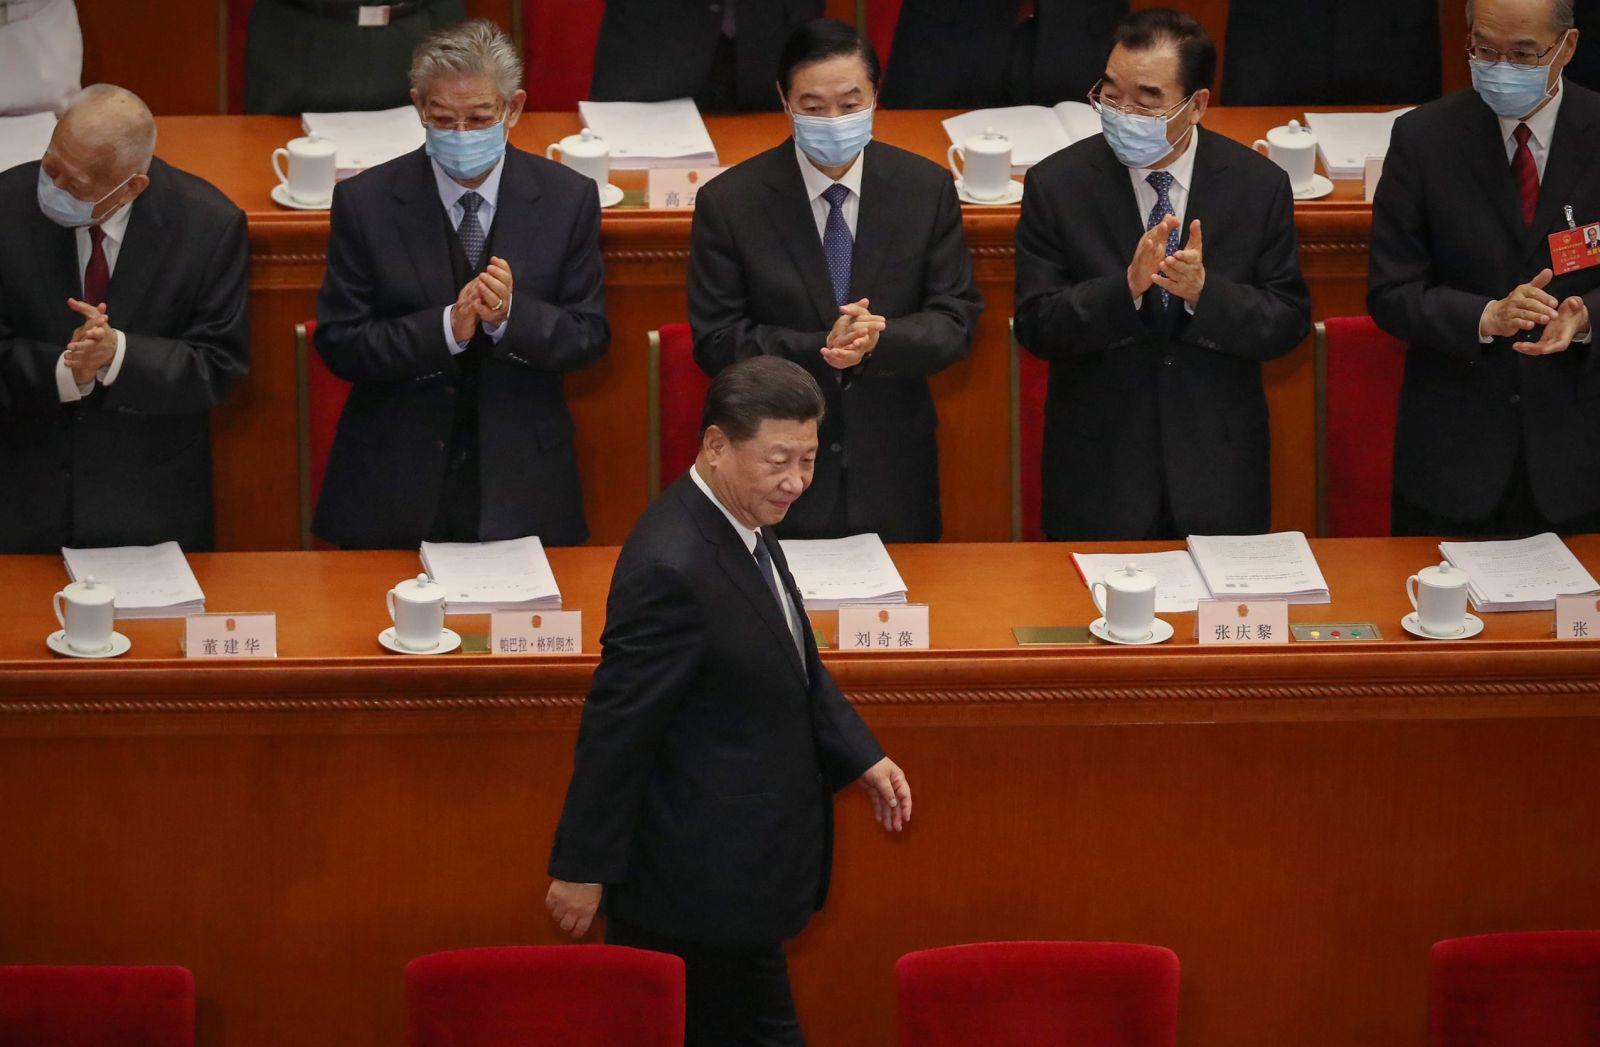 Председатель Китайская республика  СиЦзиньпин подписал закон обобеспечении нацбезопасности вГонконге